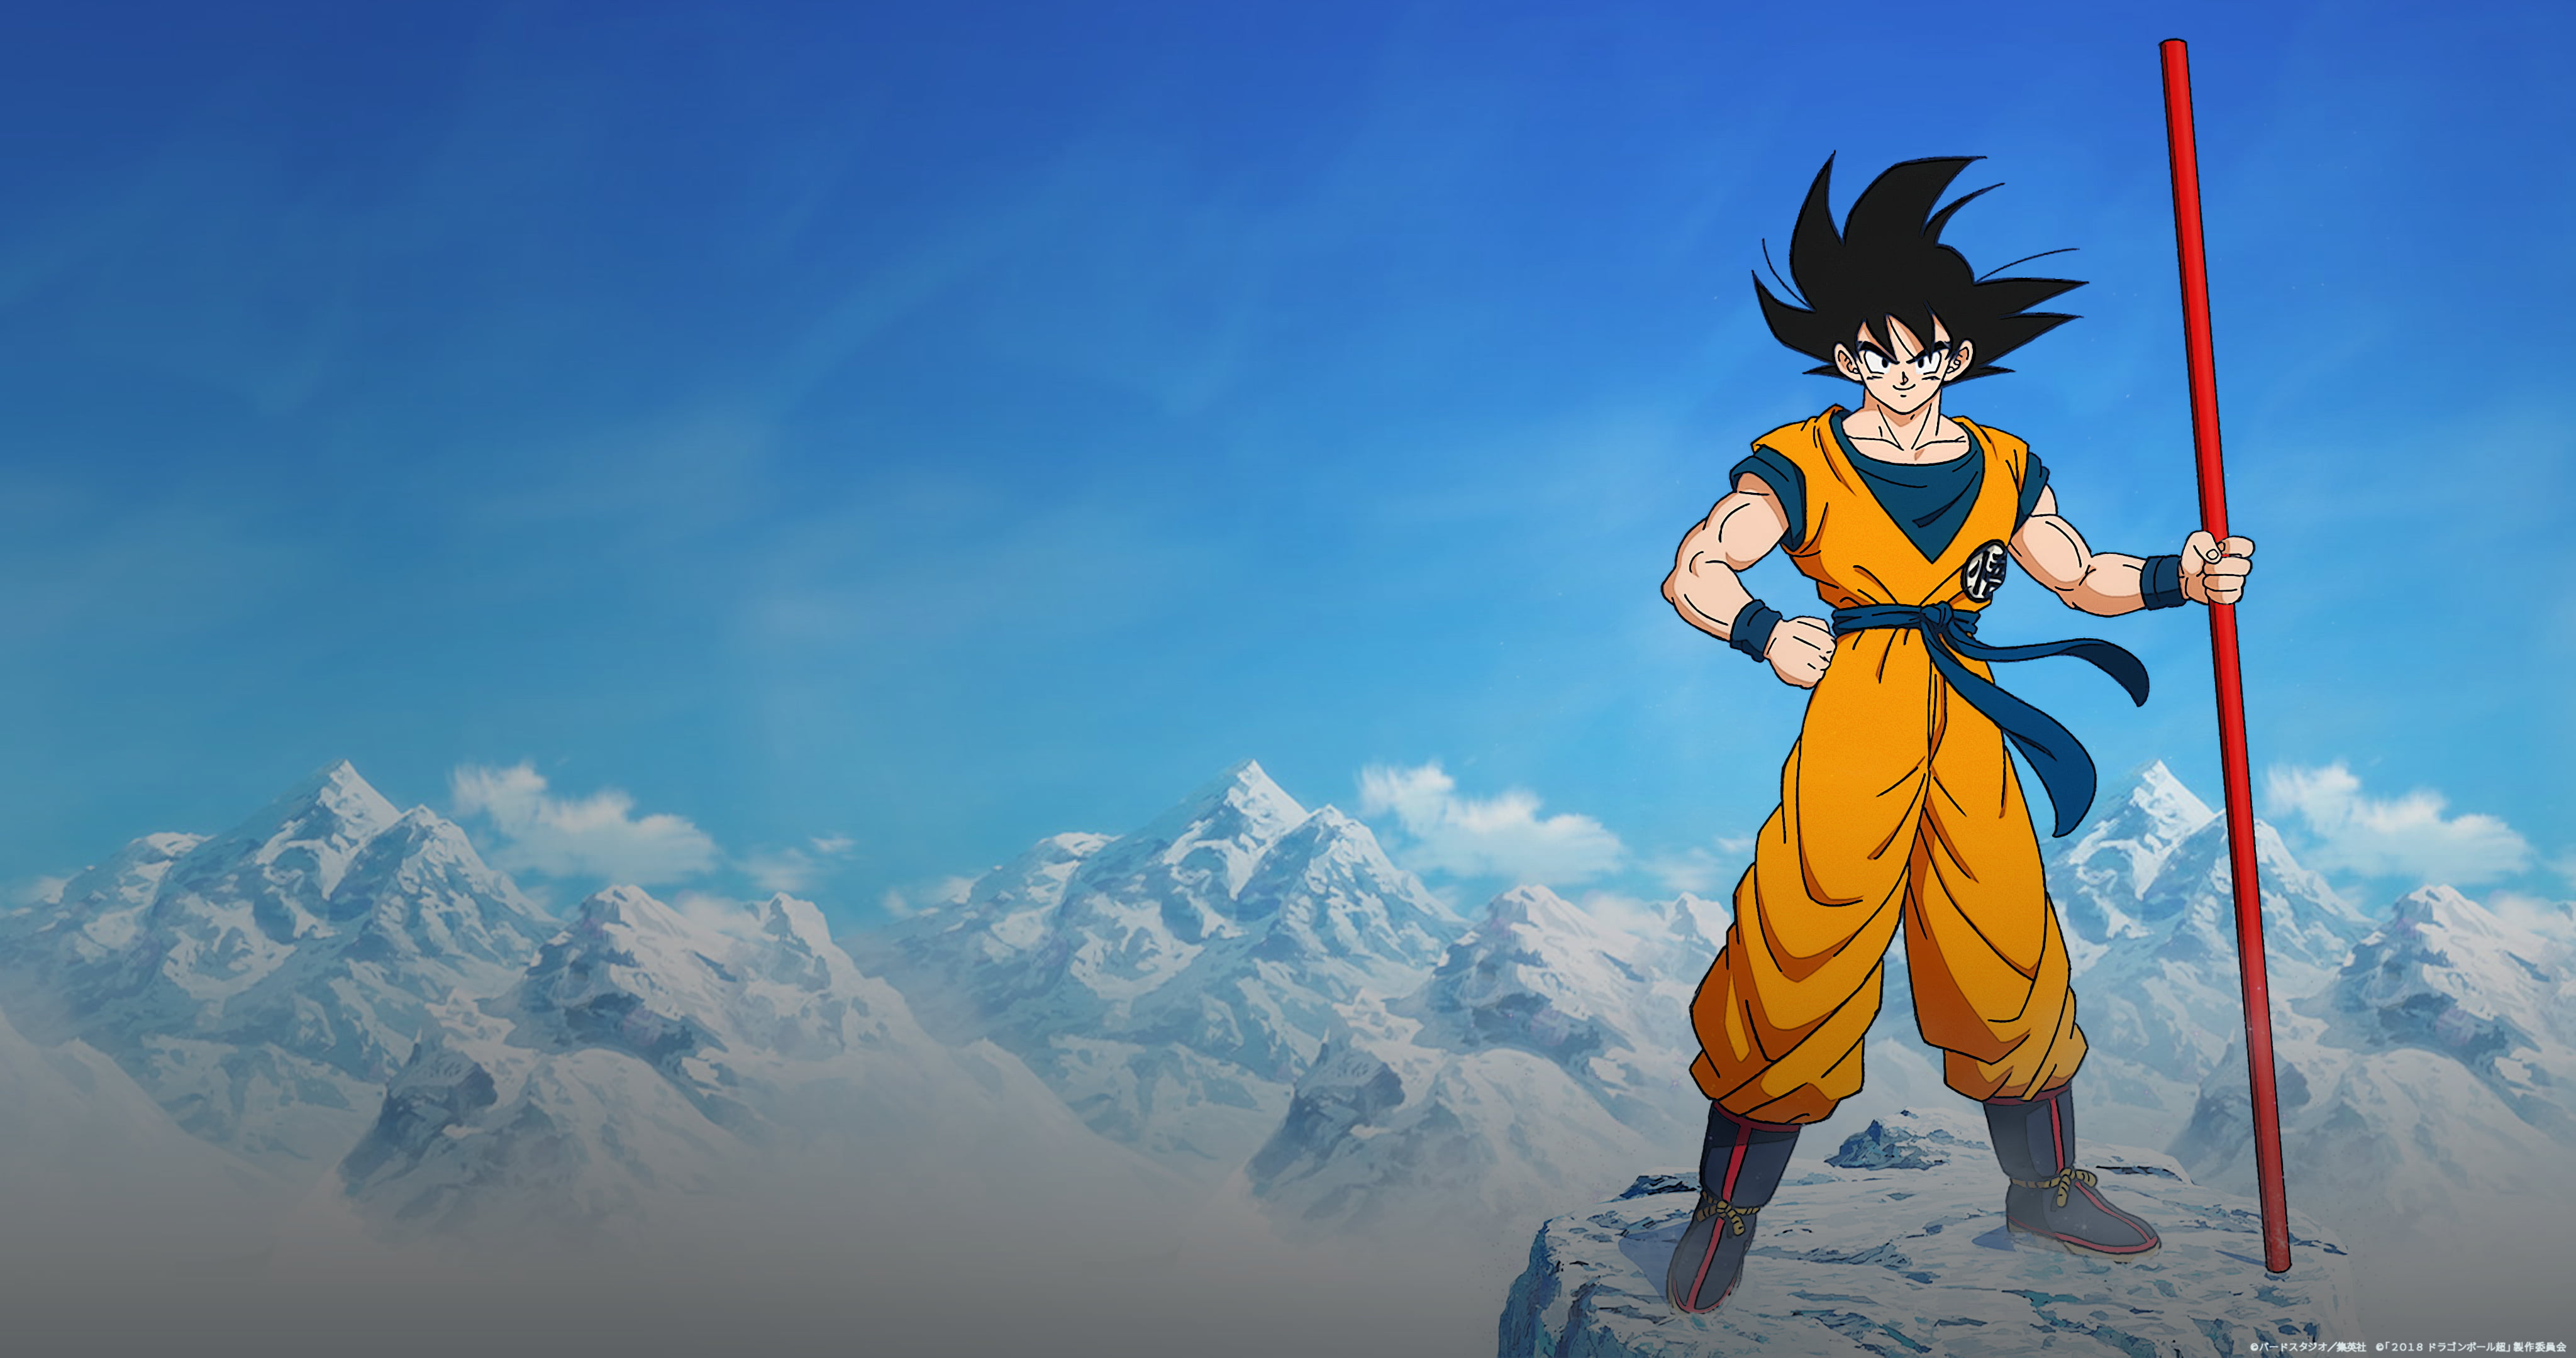 dragon ball super wallpaper,anime,dragon ball,sky,artwork,fictional character